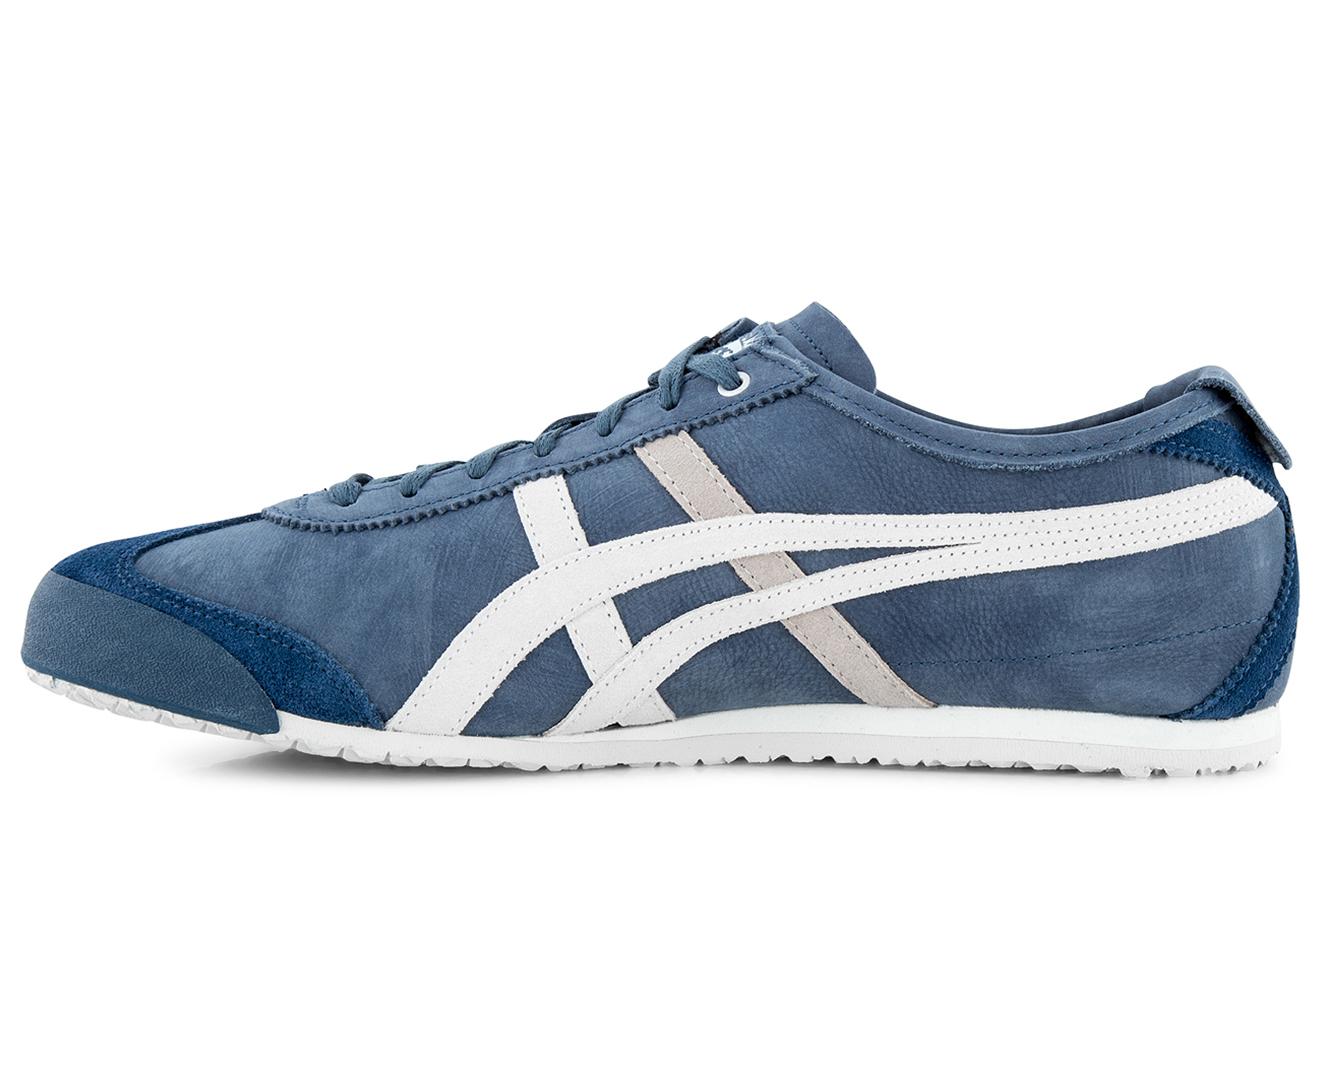 onitsuka tiger mexico 66 dark blue vaporous grey gratis zapatillas